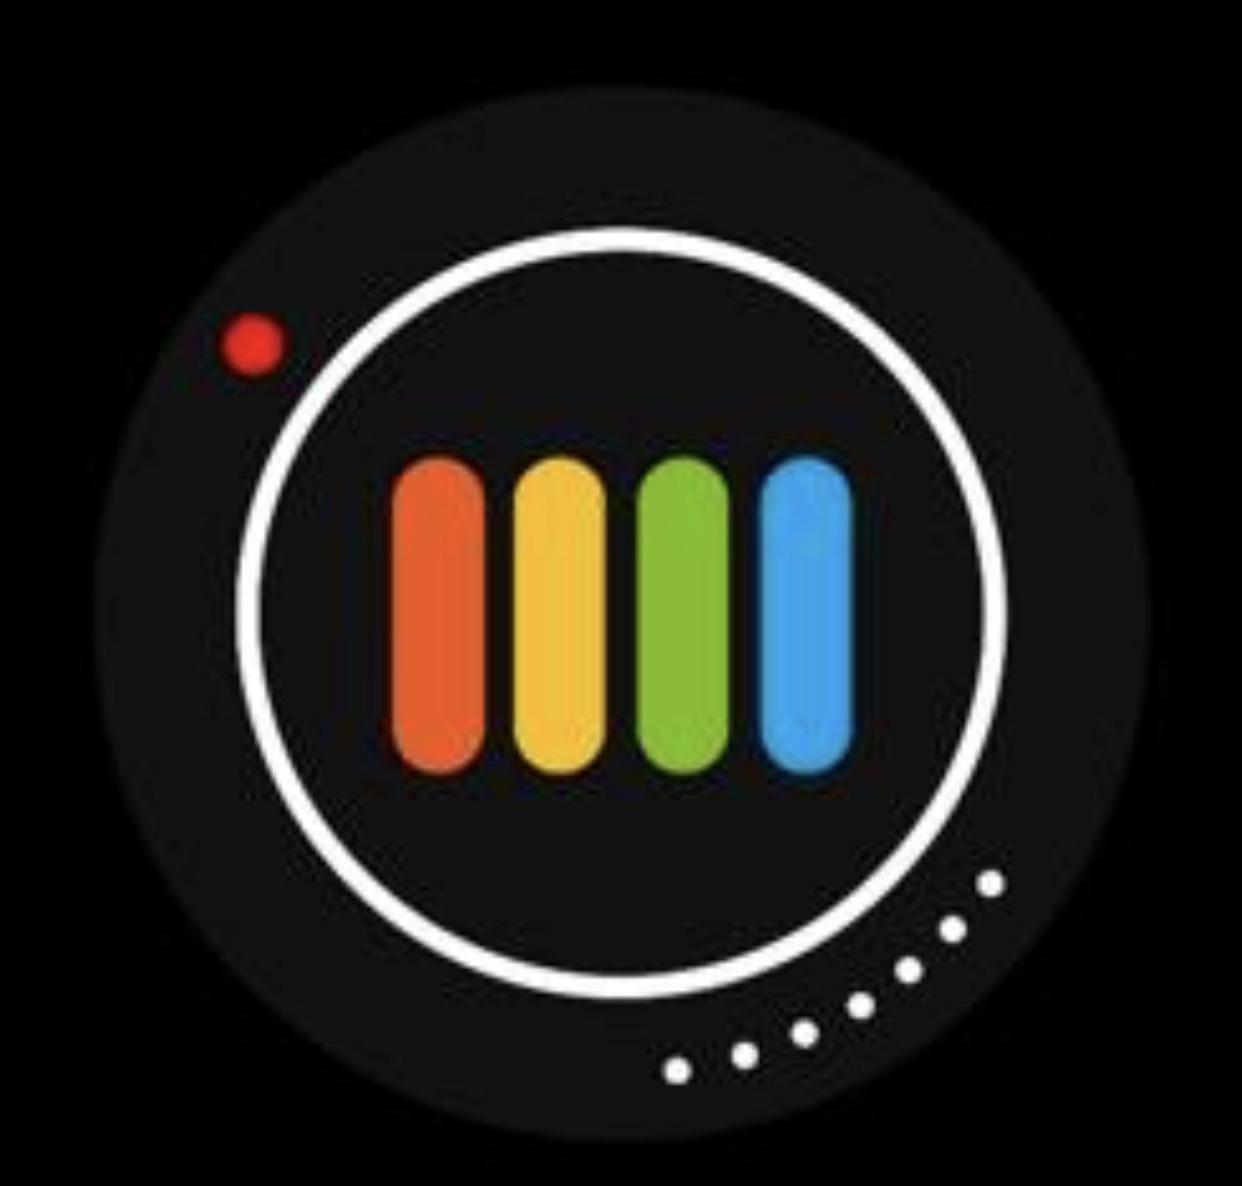 Pro Shot kostenlos im AppStore [iOS]